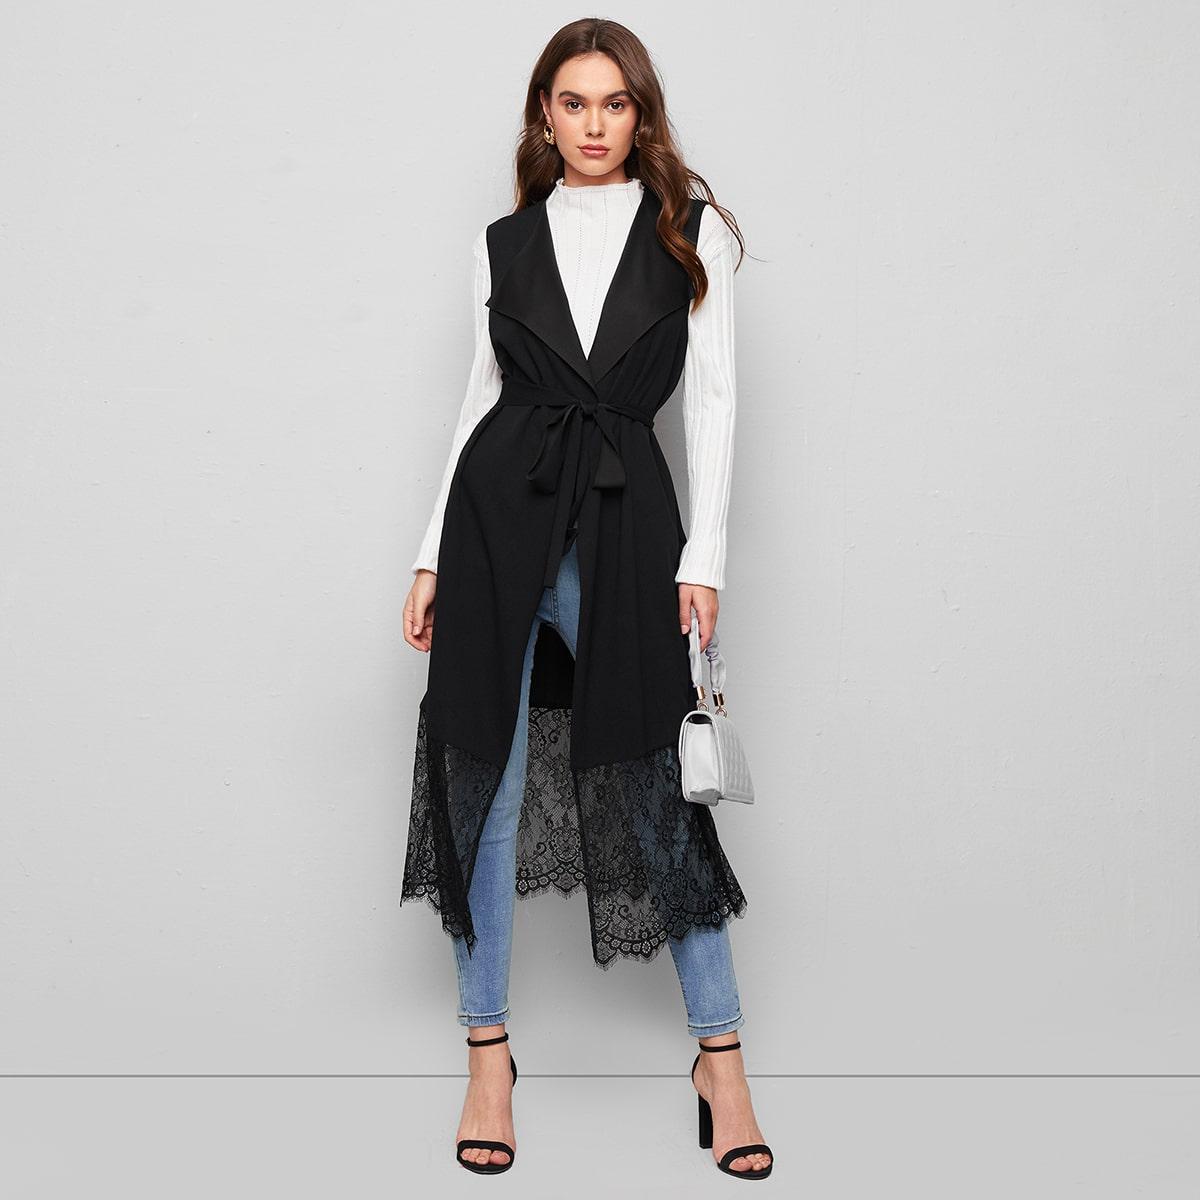 Пальто-жилет с поясом и кружевом по цене 930